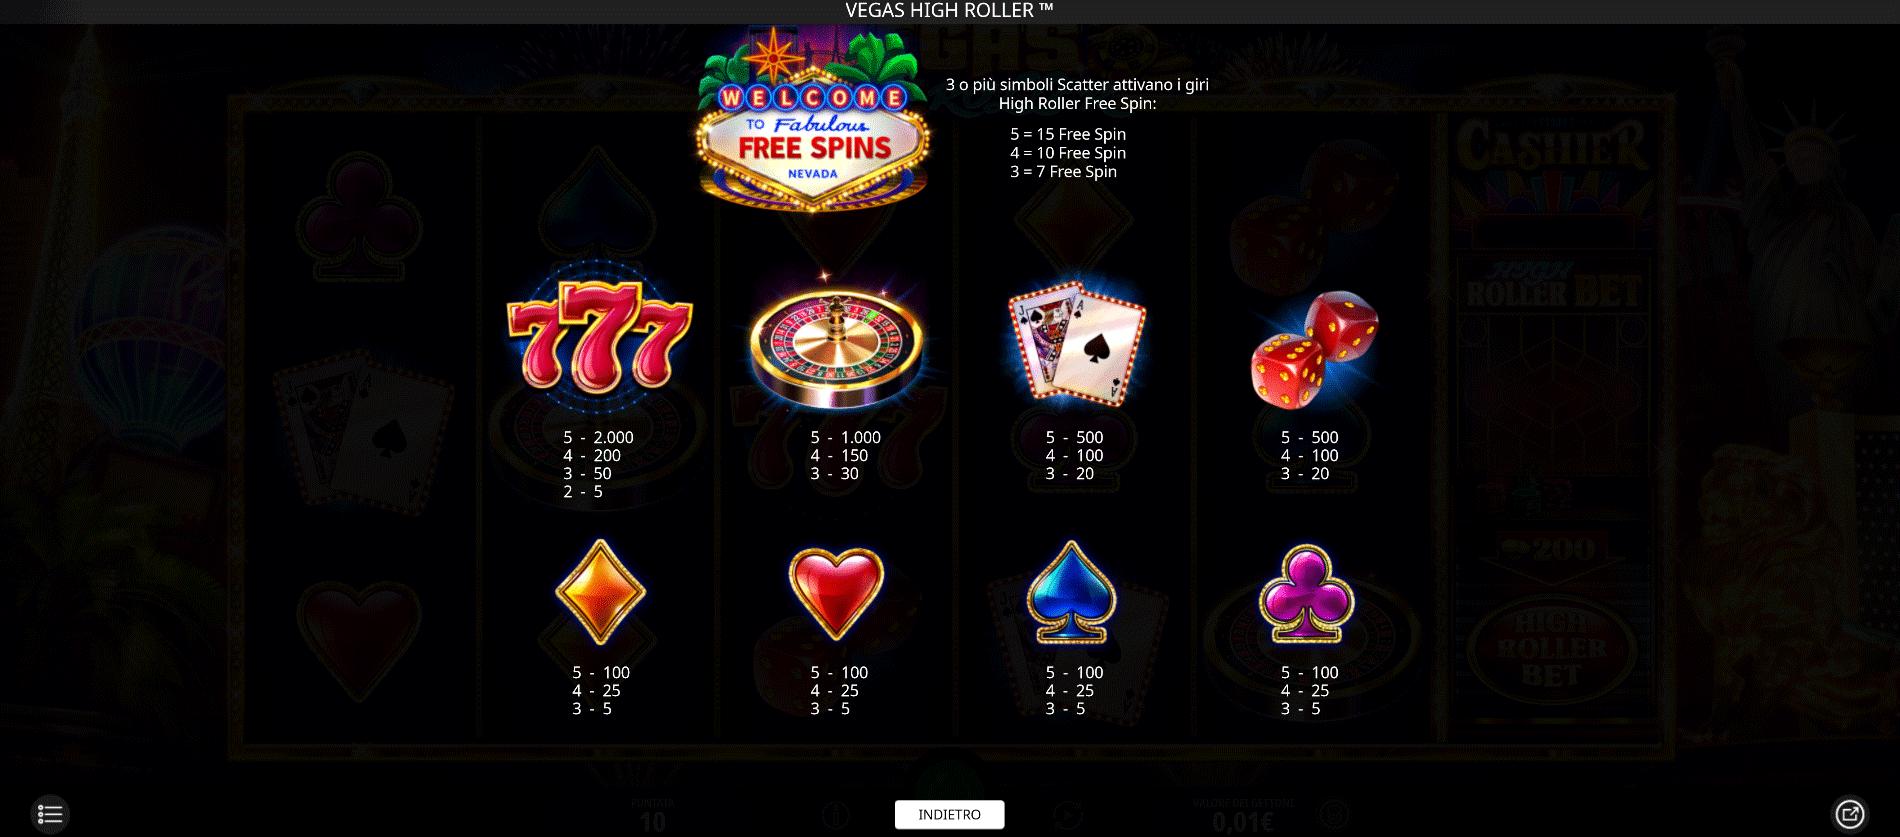 tabella dei pagamenti della slot online vegas high roller